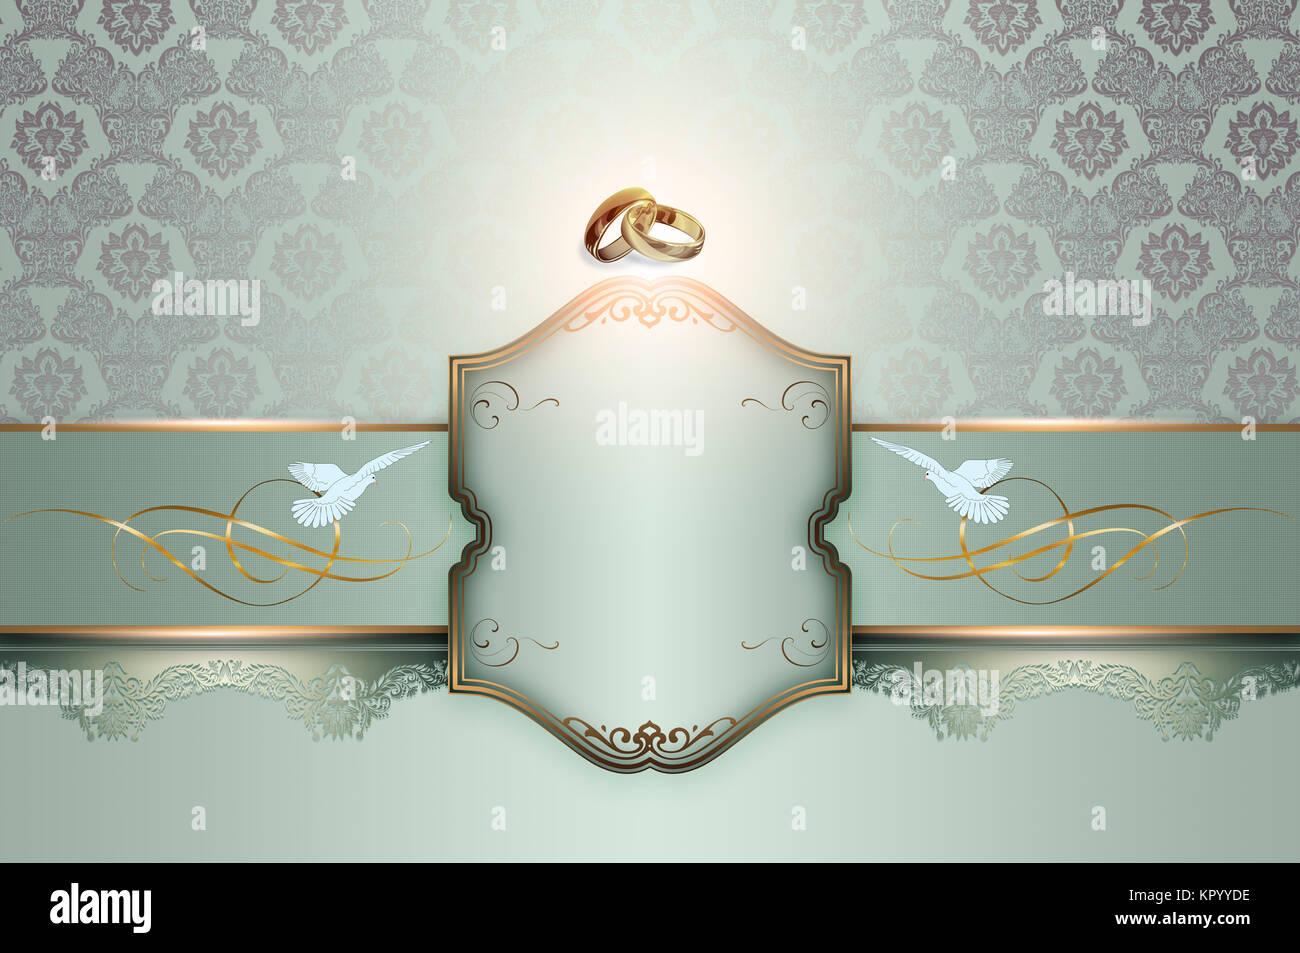 Fondo decorativo con motivos florales, boda símbolo y marco para el ...